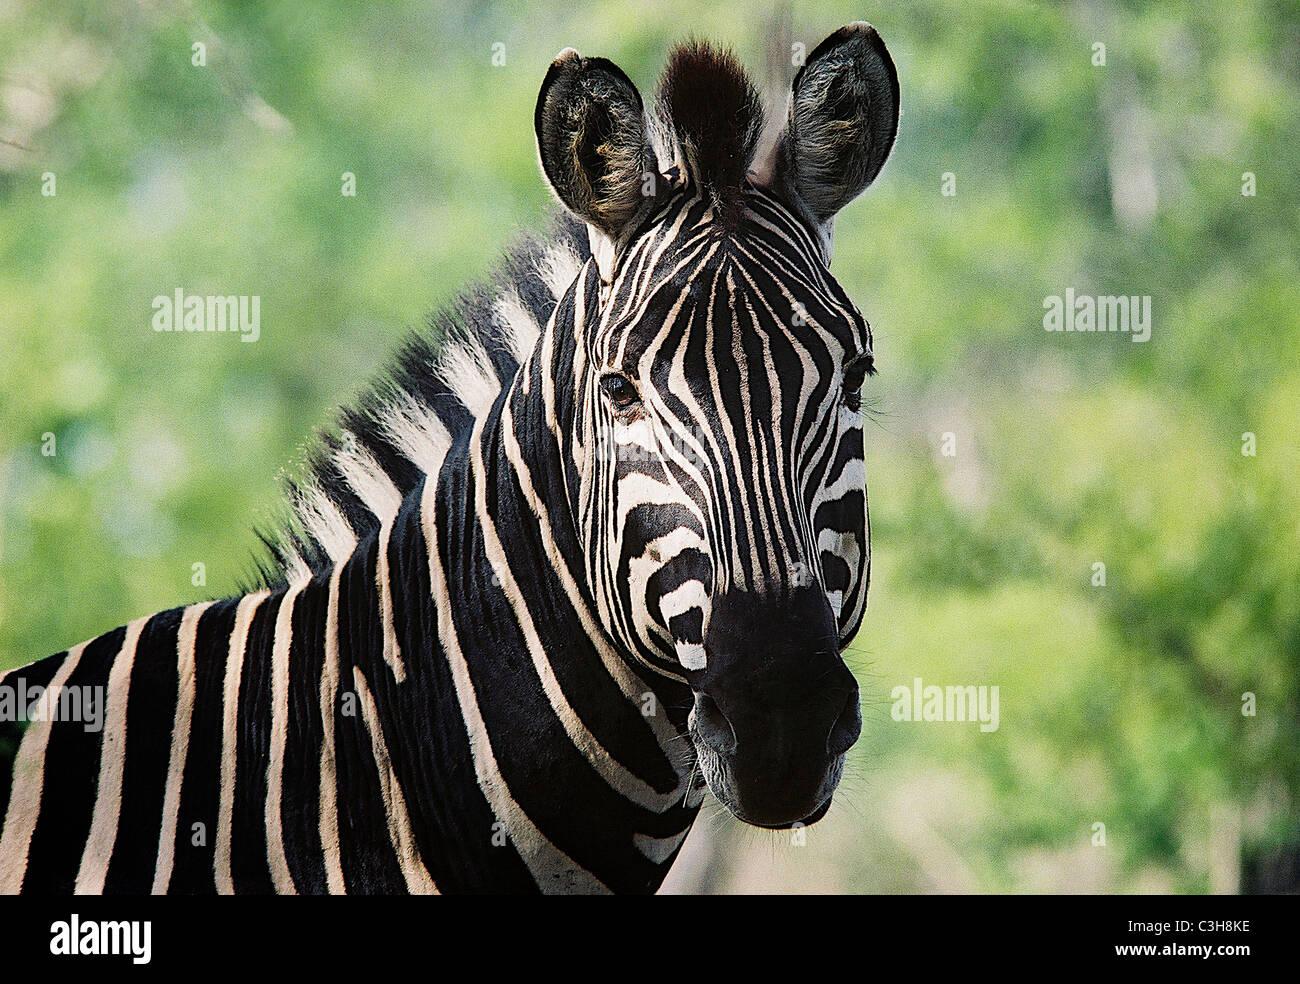 Zebra le zèbre de Burchell (Equus burchellii) Mala mala Afrique du Sud Banque D'Images